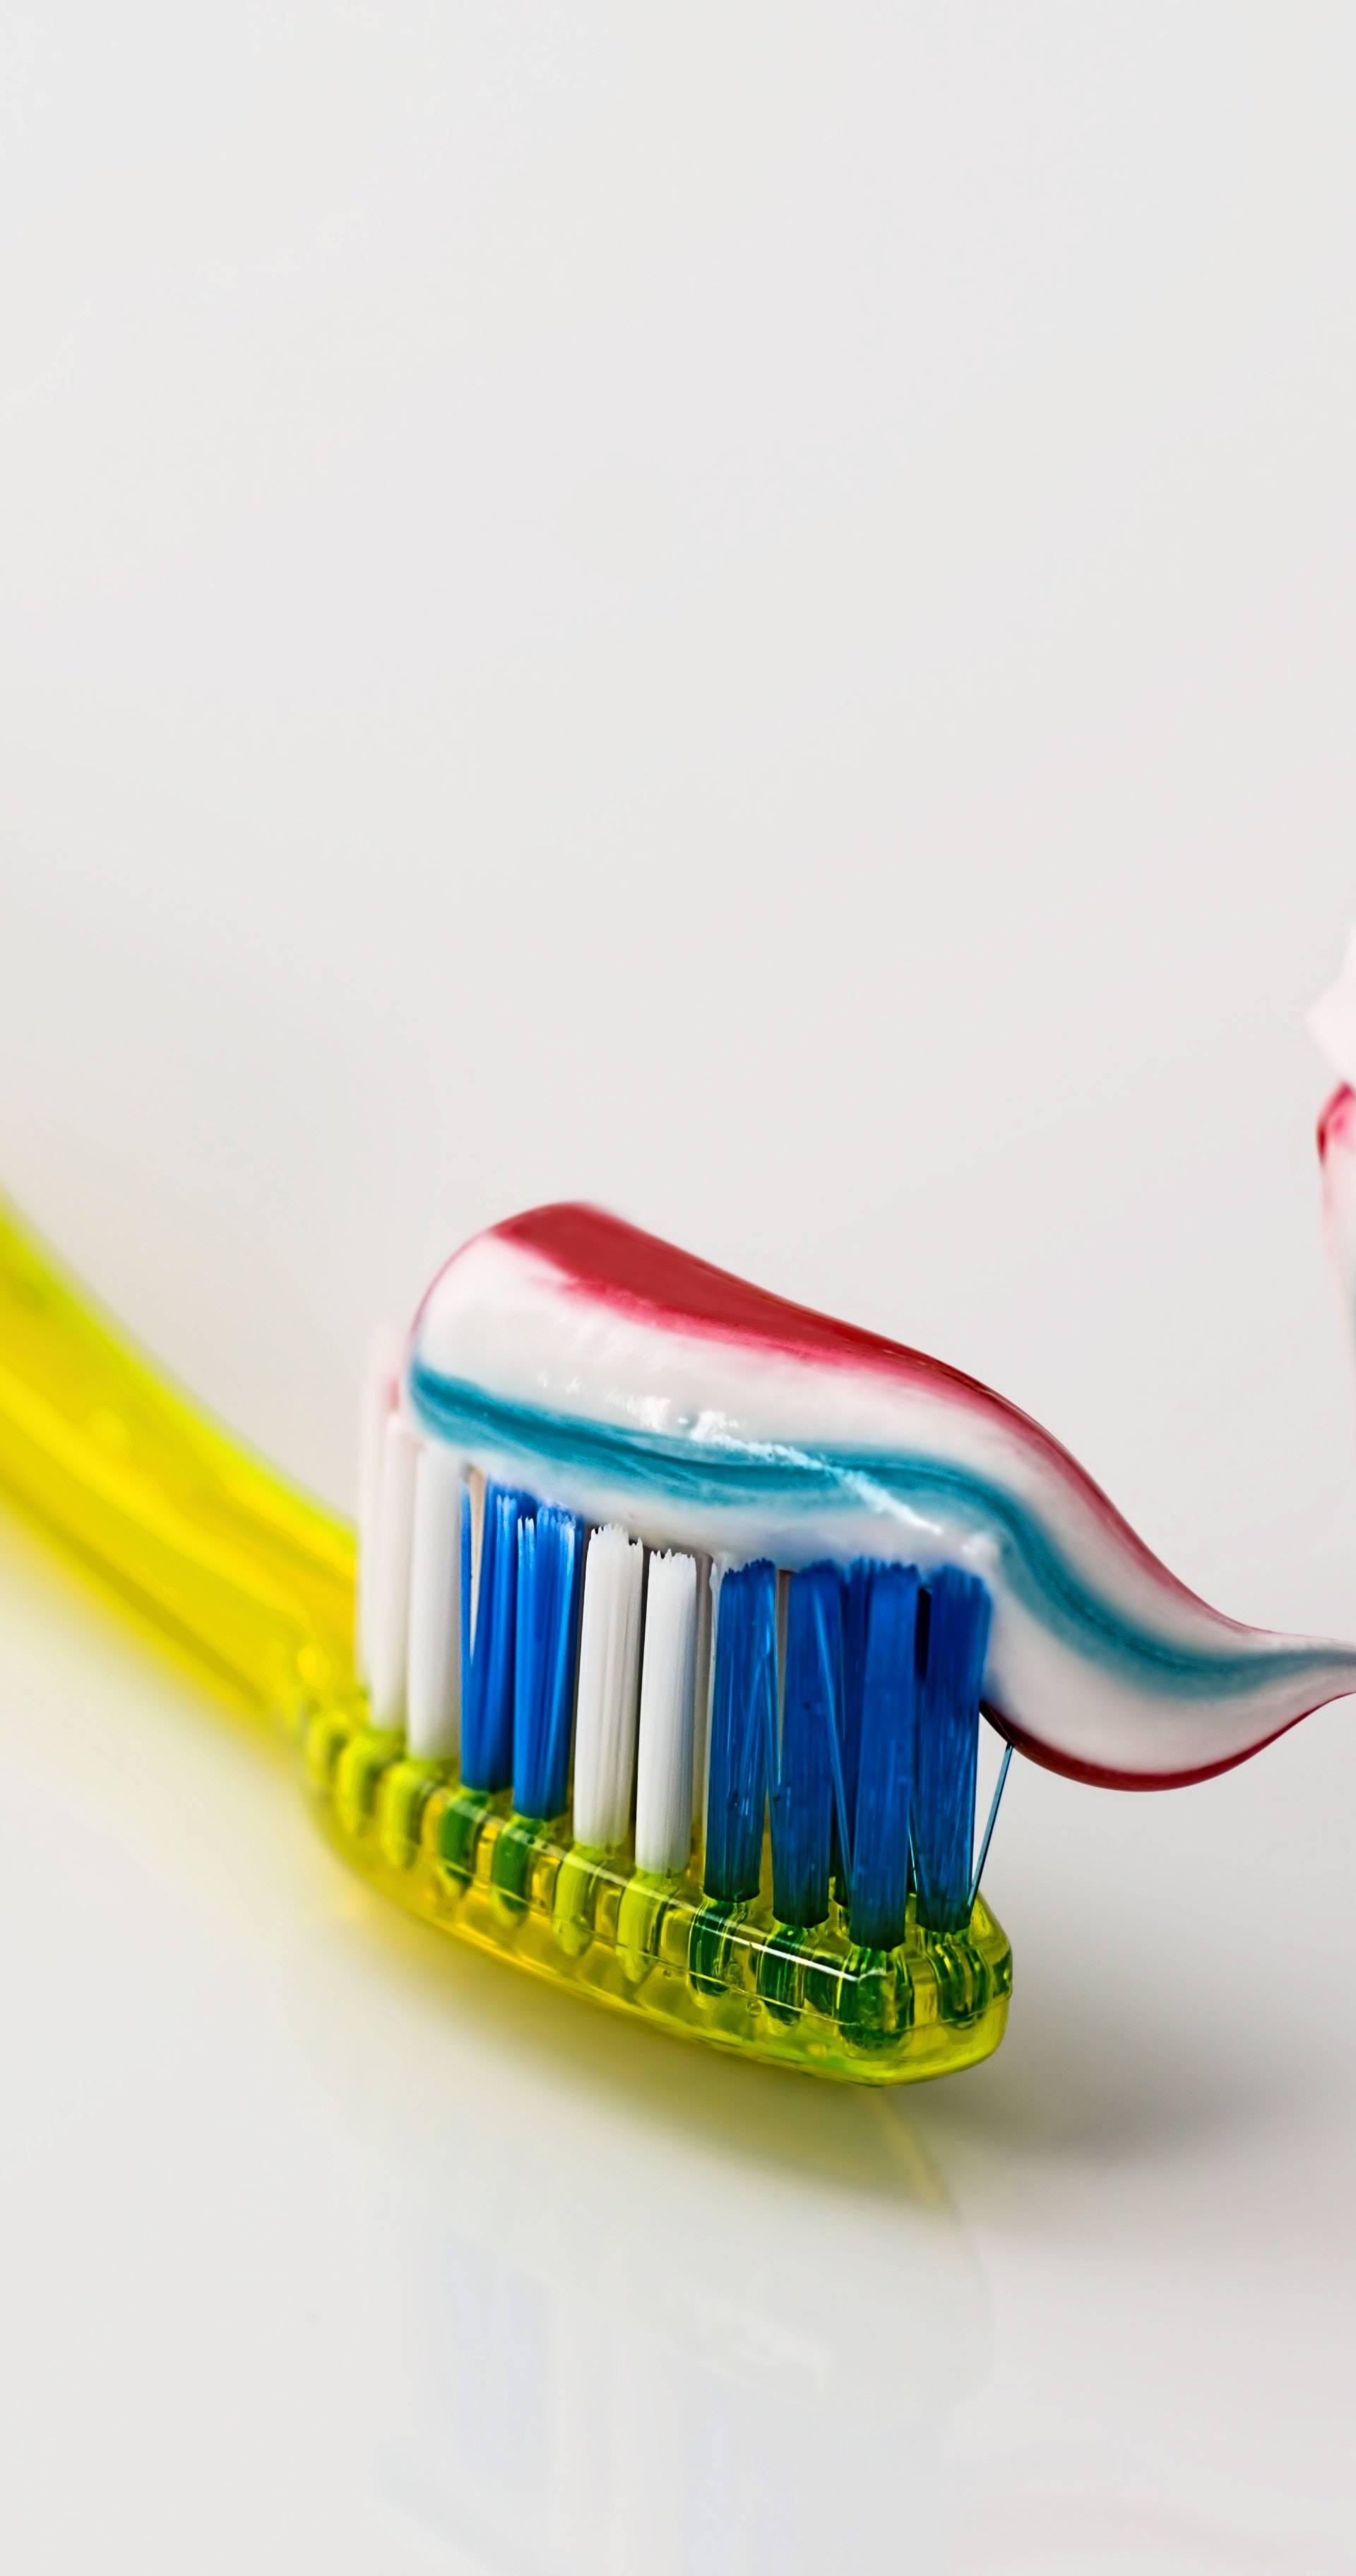 Znate li da su ovi proizvodi koje koristite nekada bili smeće?